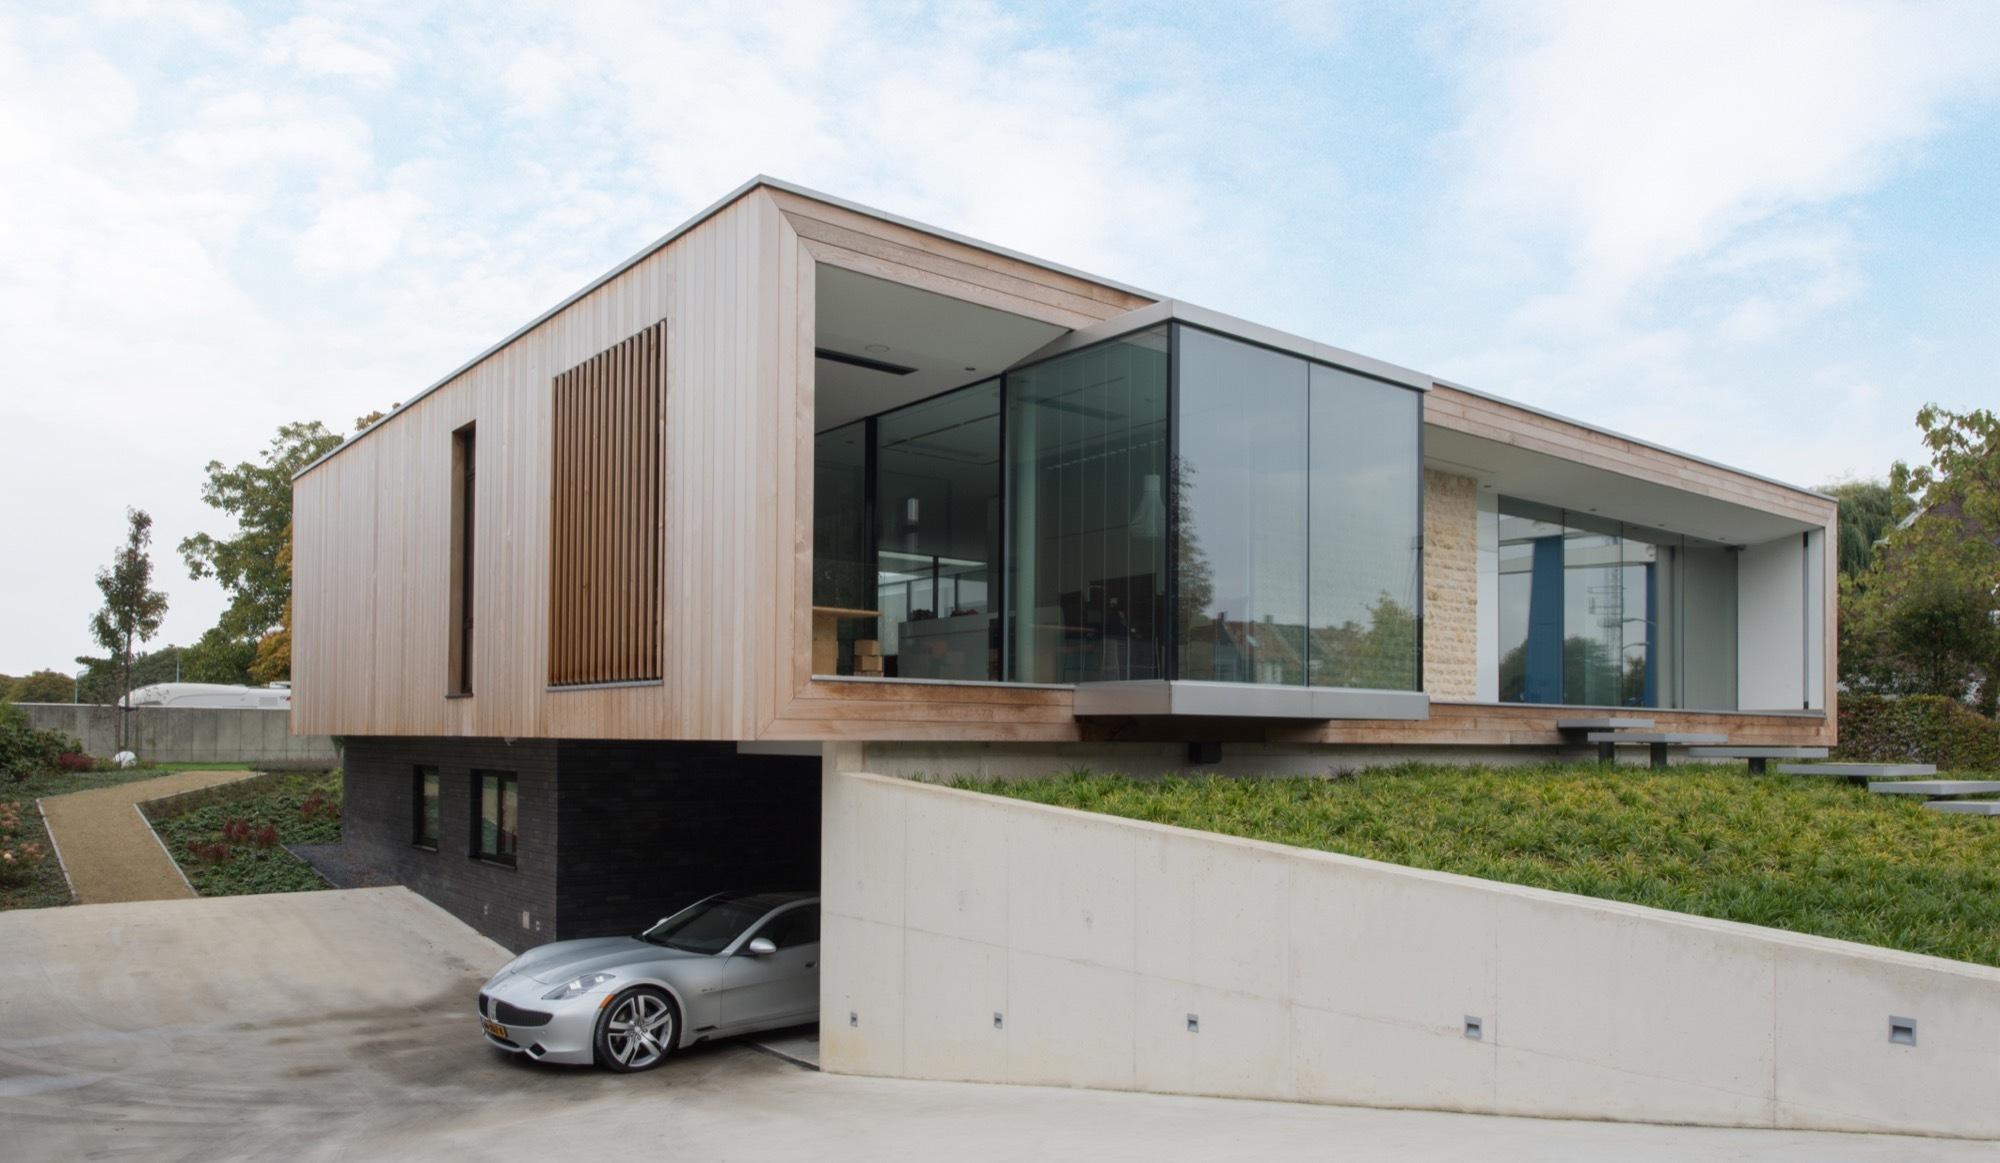 Villa m house liag architects archdaily for Flachdachhaus mit garage